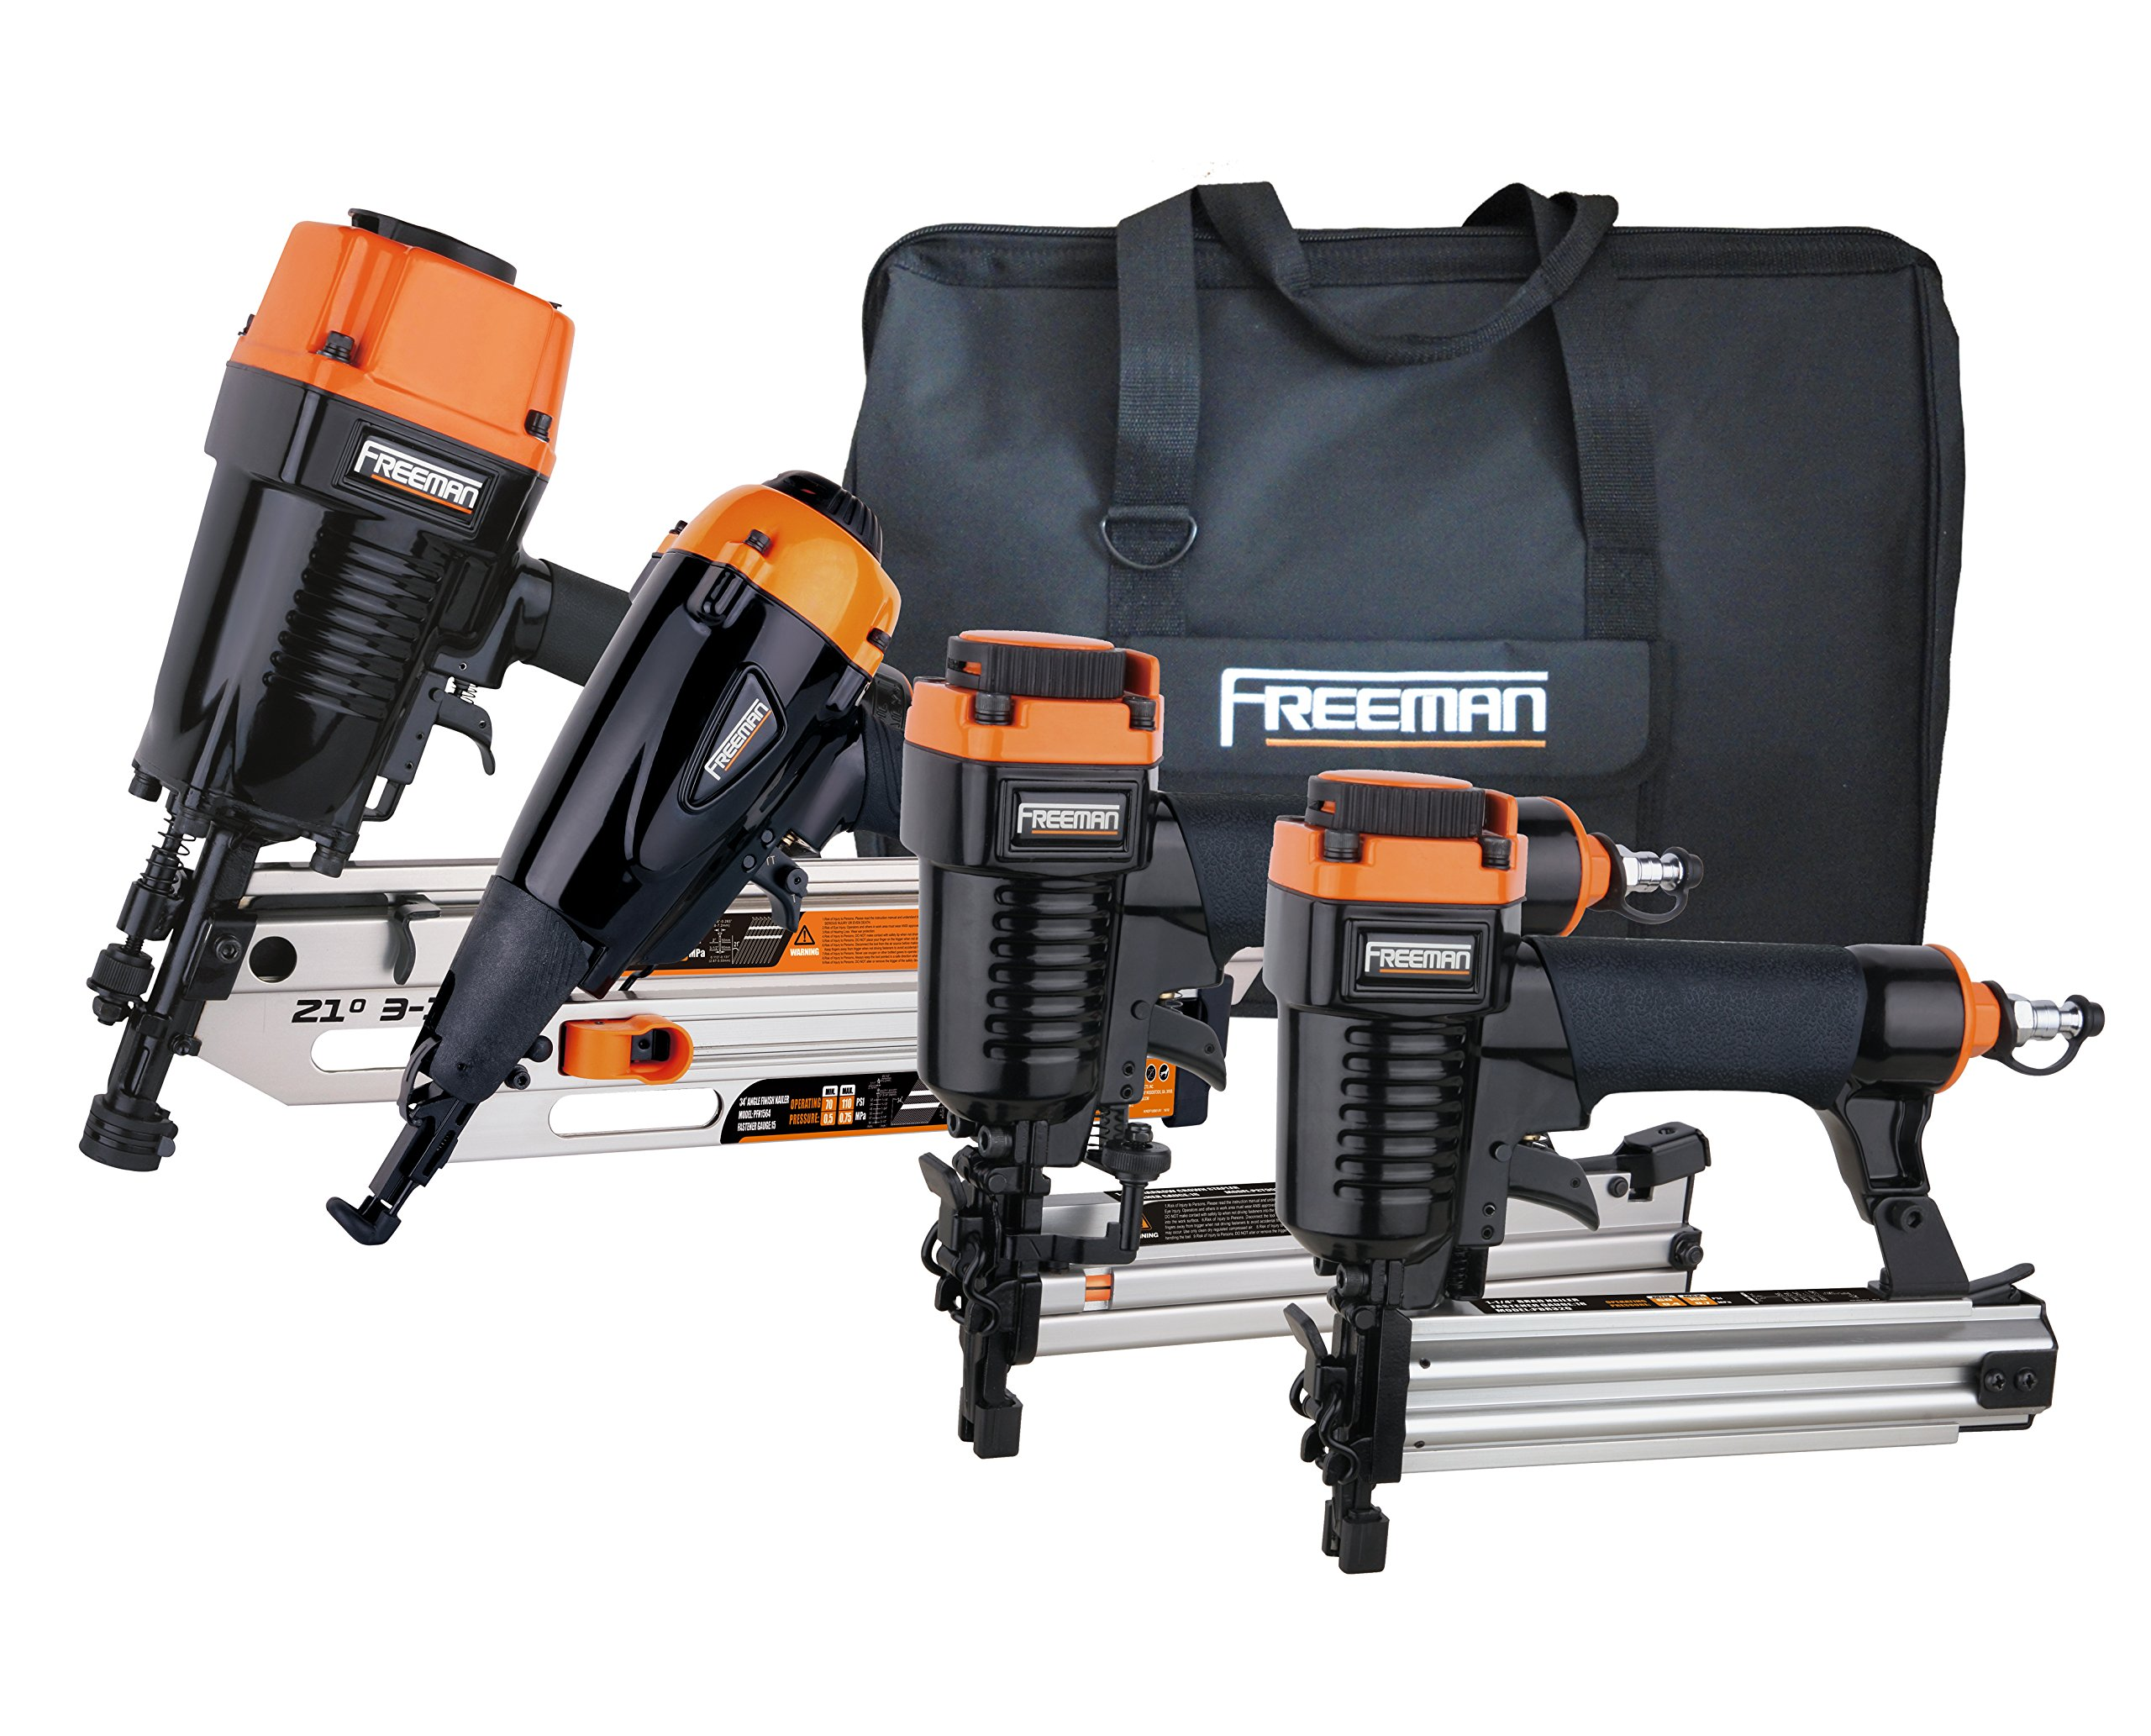 Freeman P4FRFNCB Framing/Finishing Combo Kit with Canvas Bag 4-Piece Pneumatic Nail Gun Set of 4 with Framing Nailer, Finish Nailer, Brad Nailer & Narrow Crown Stapler